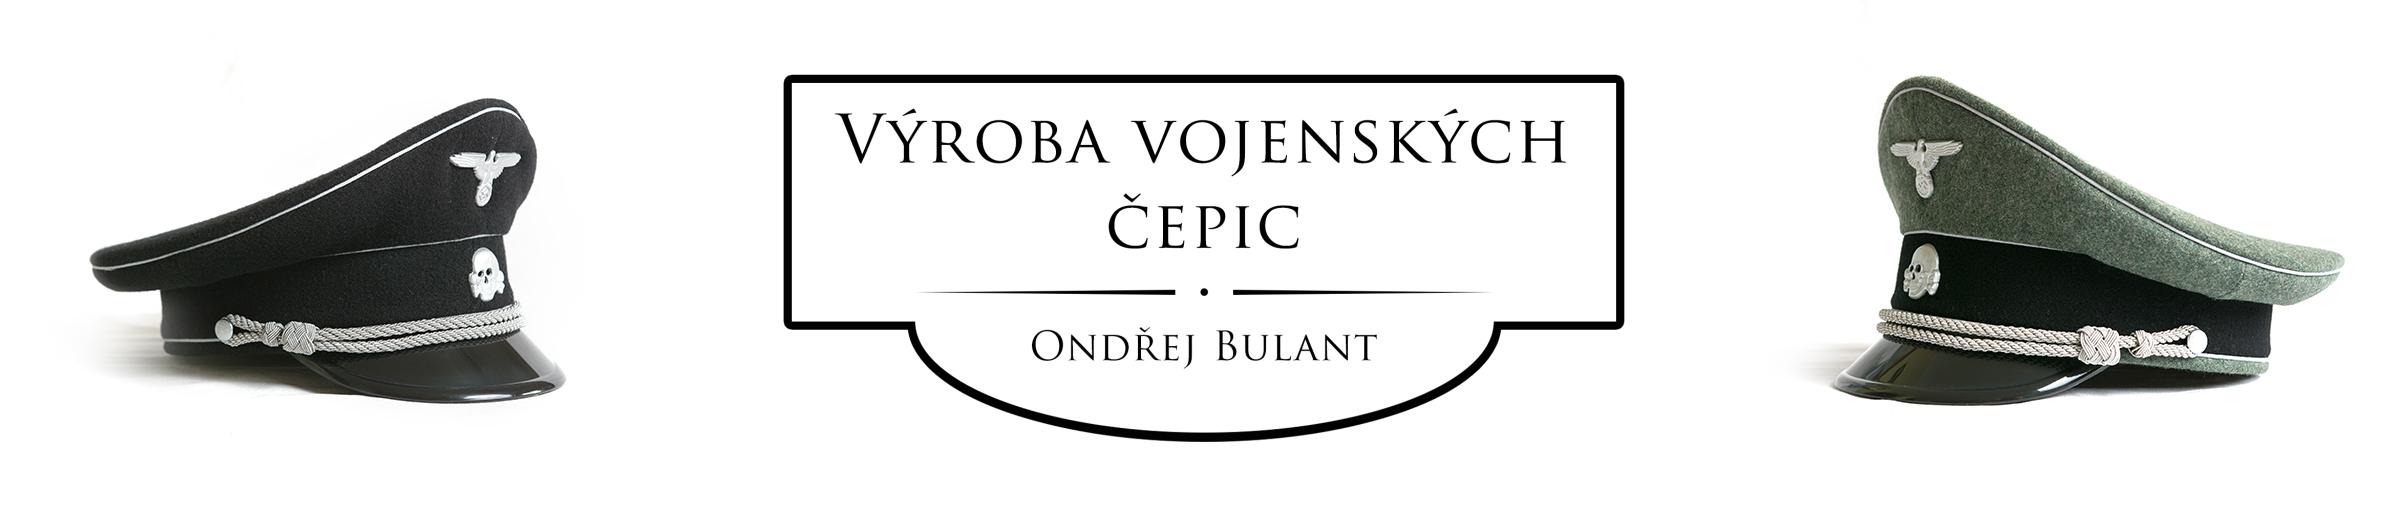 Vojenské brigadýrky a čepice - Ondřej Bulant